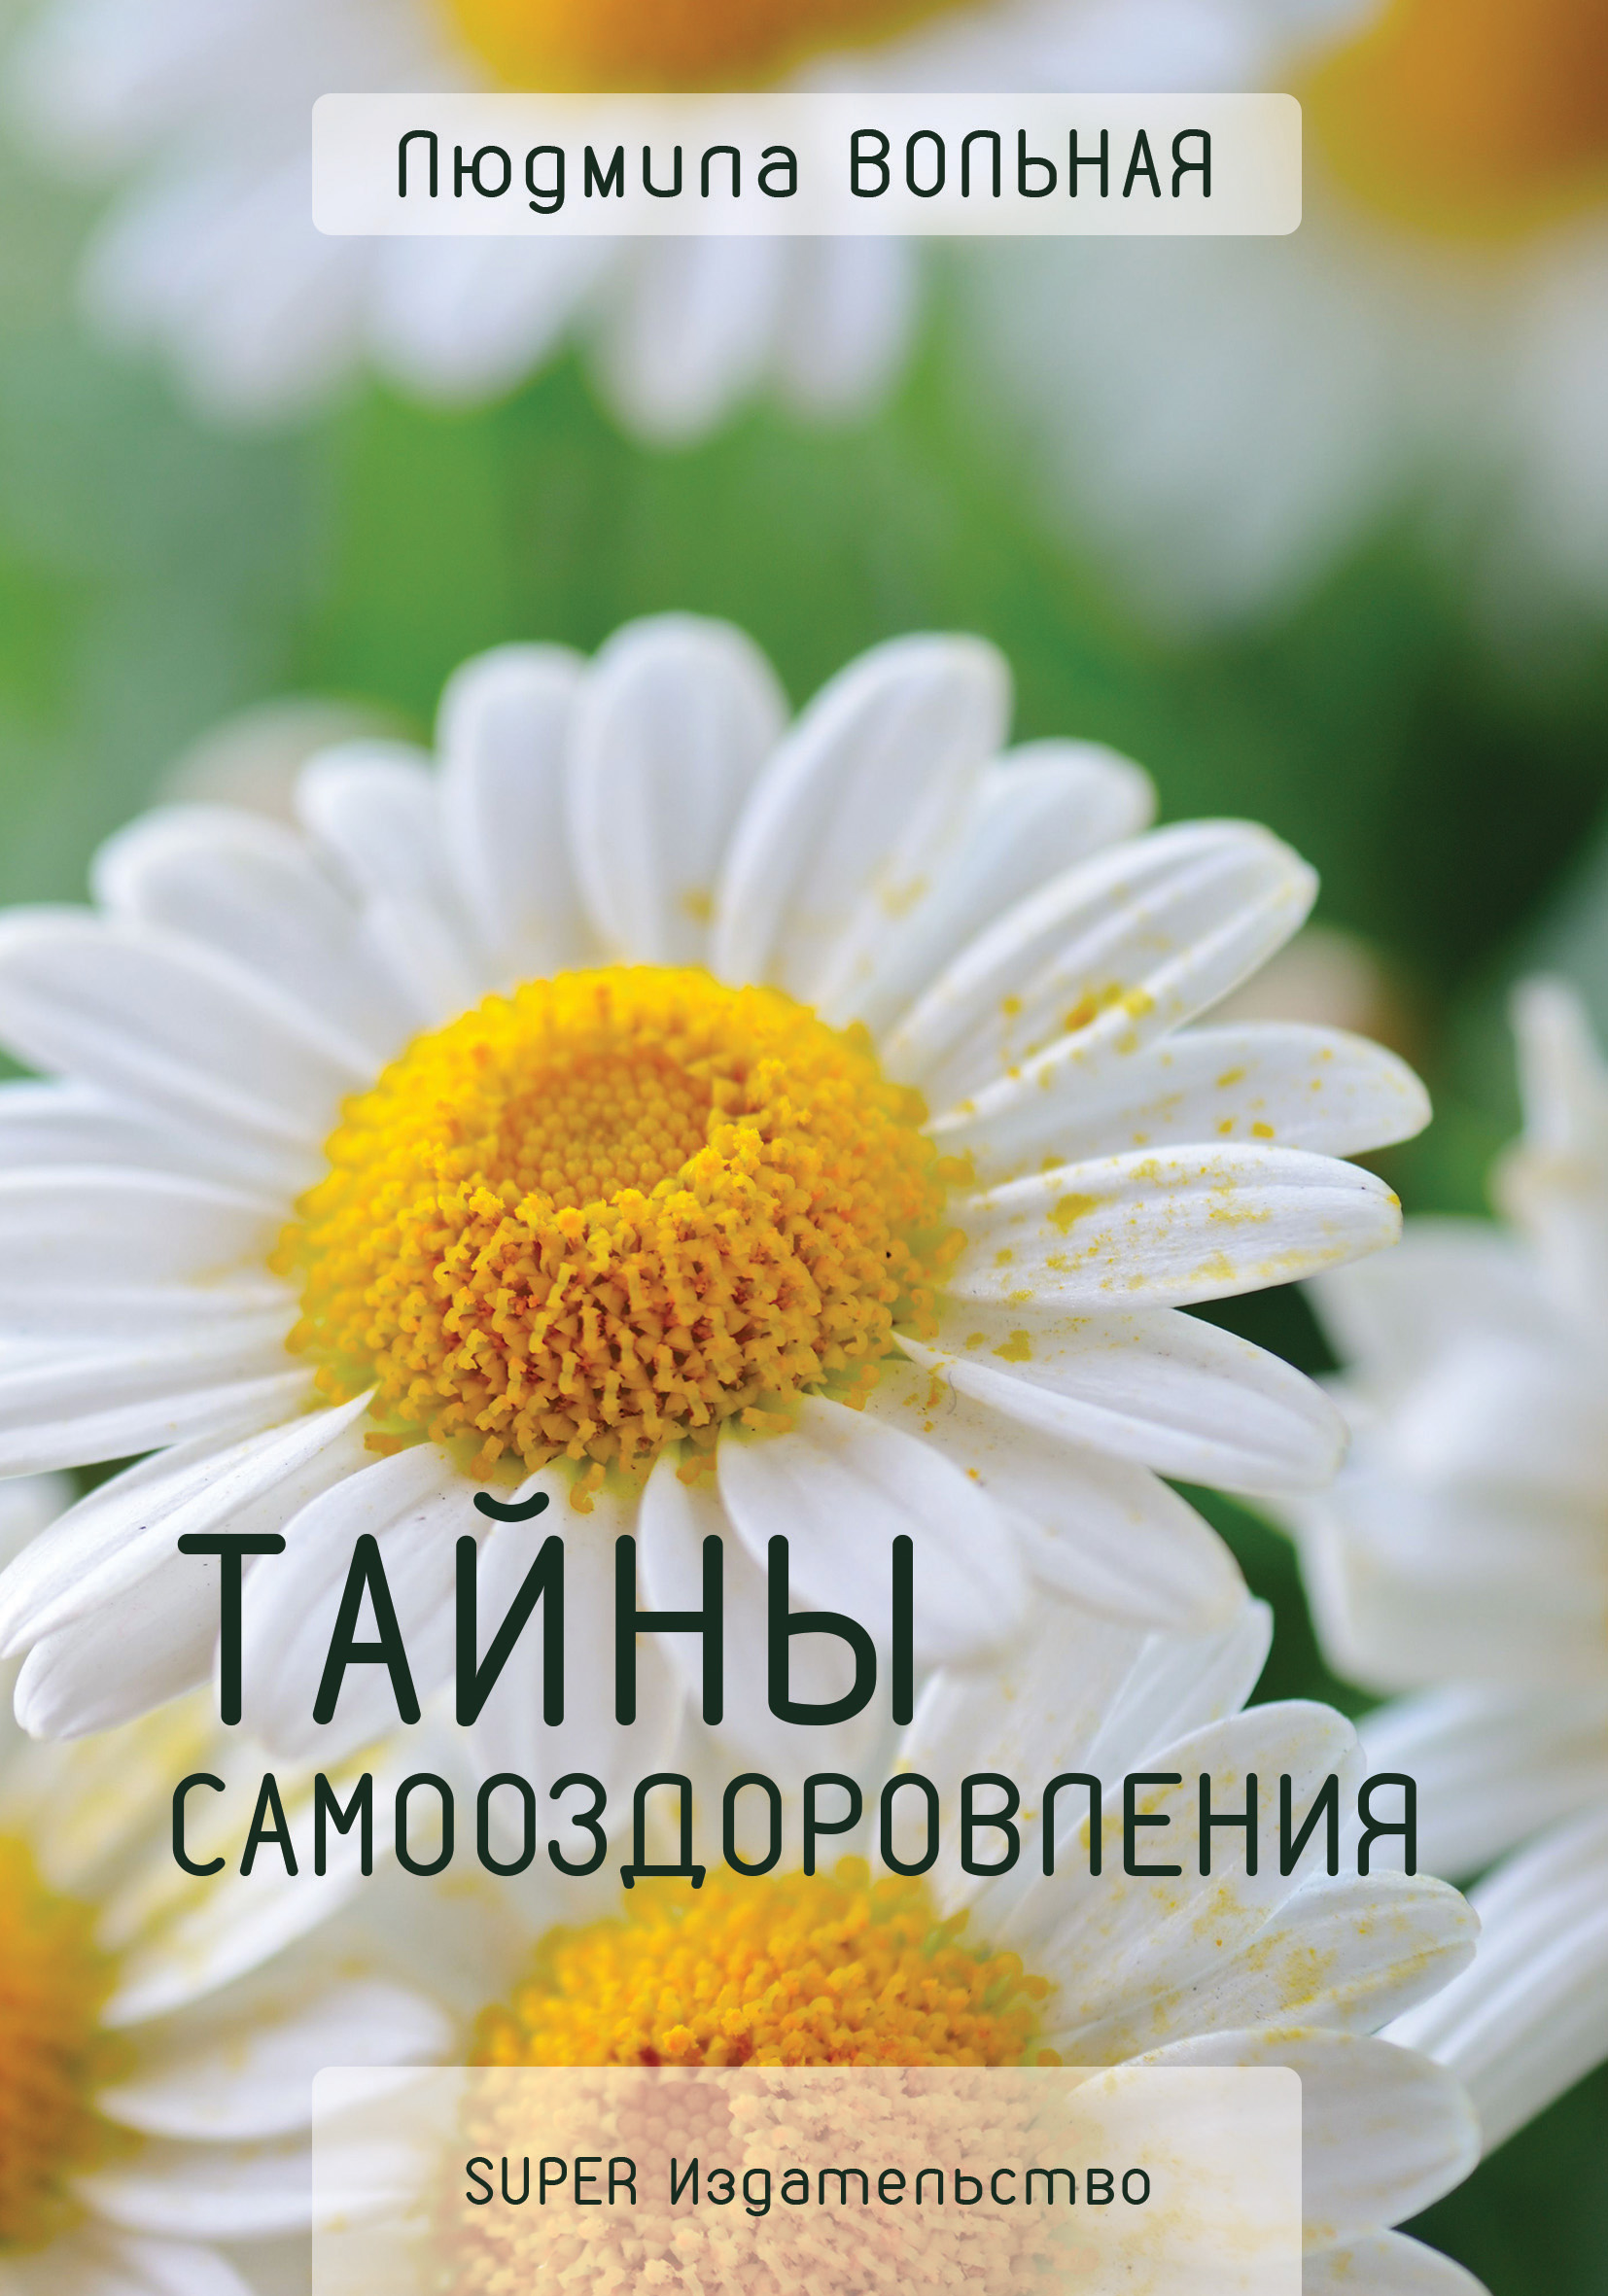 Людмила Вольная «Тайны самооздоровления»